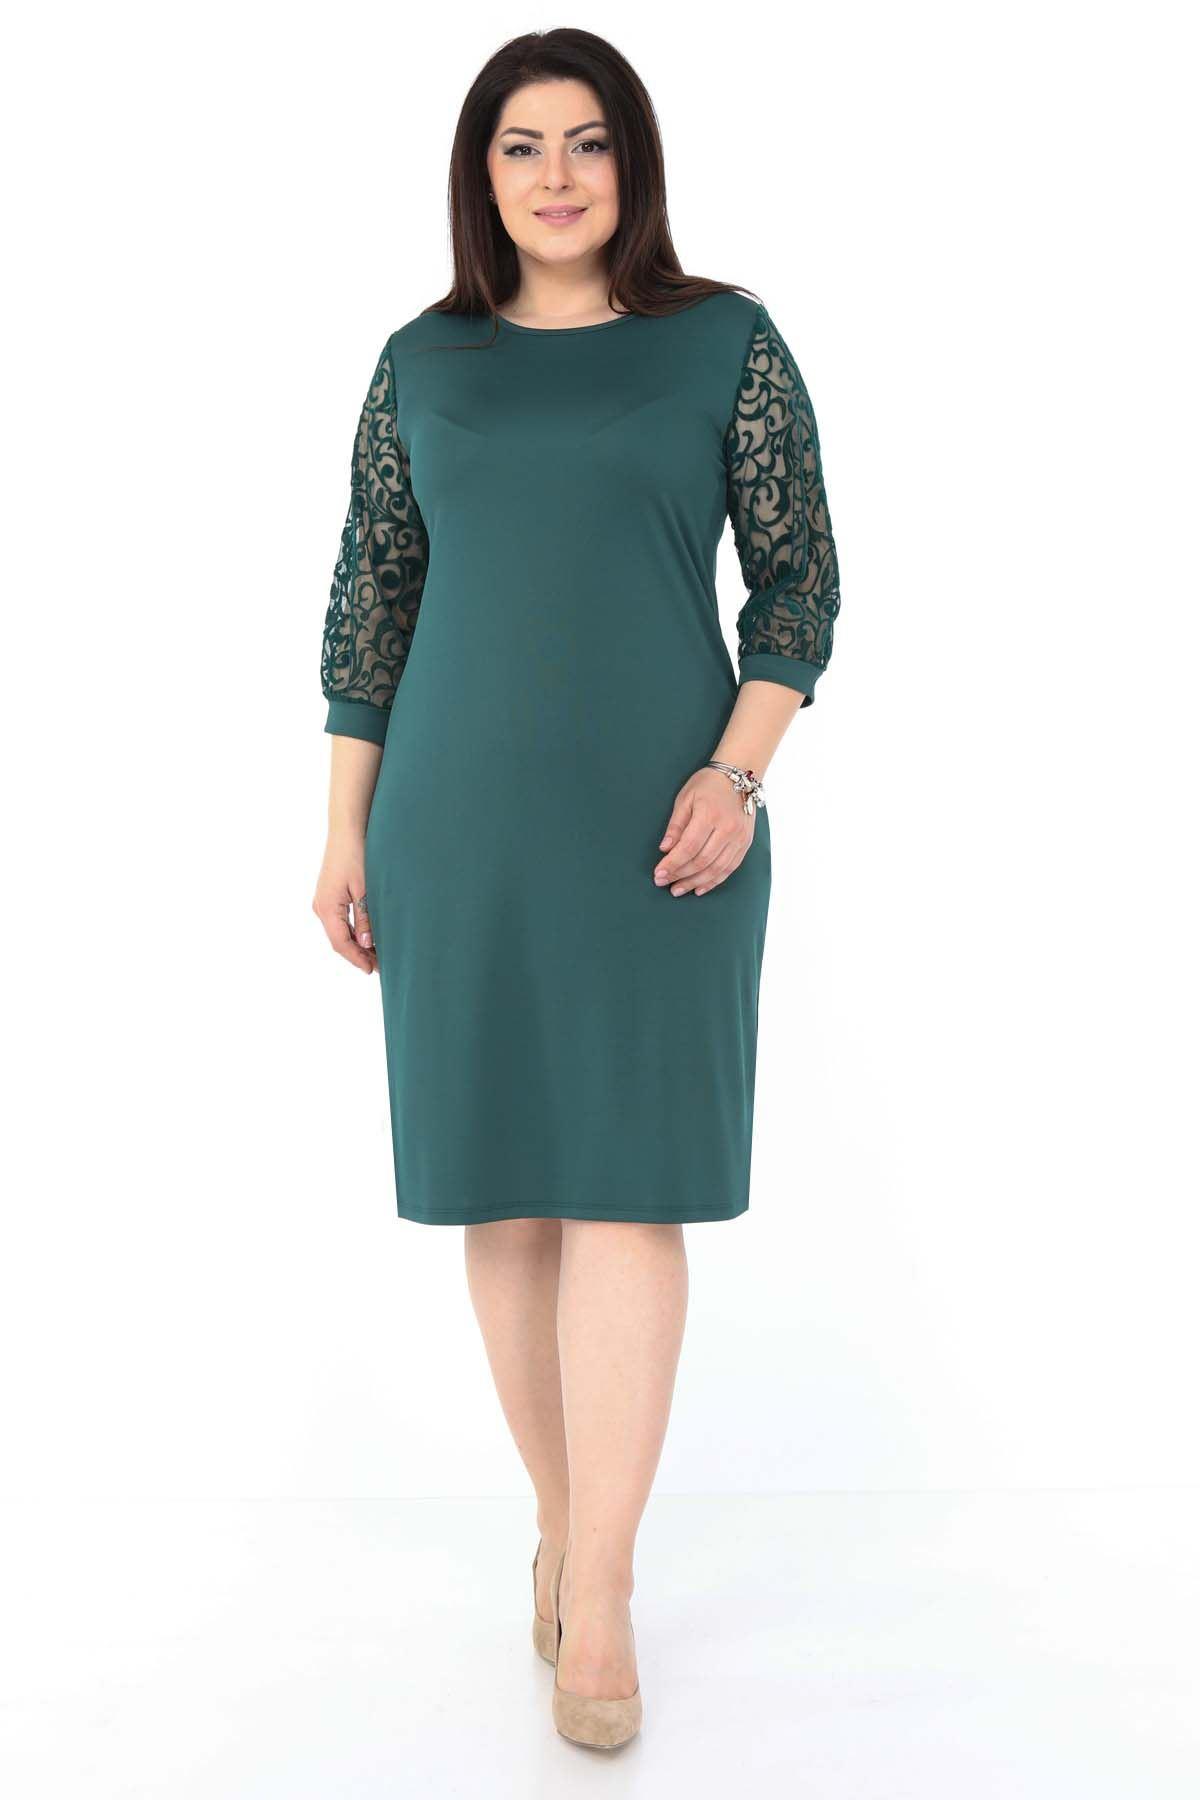 Yeşil Flok Kol Büyük Beden Elbise 5F-1047